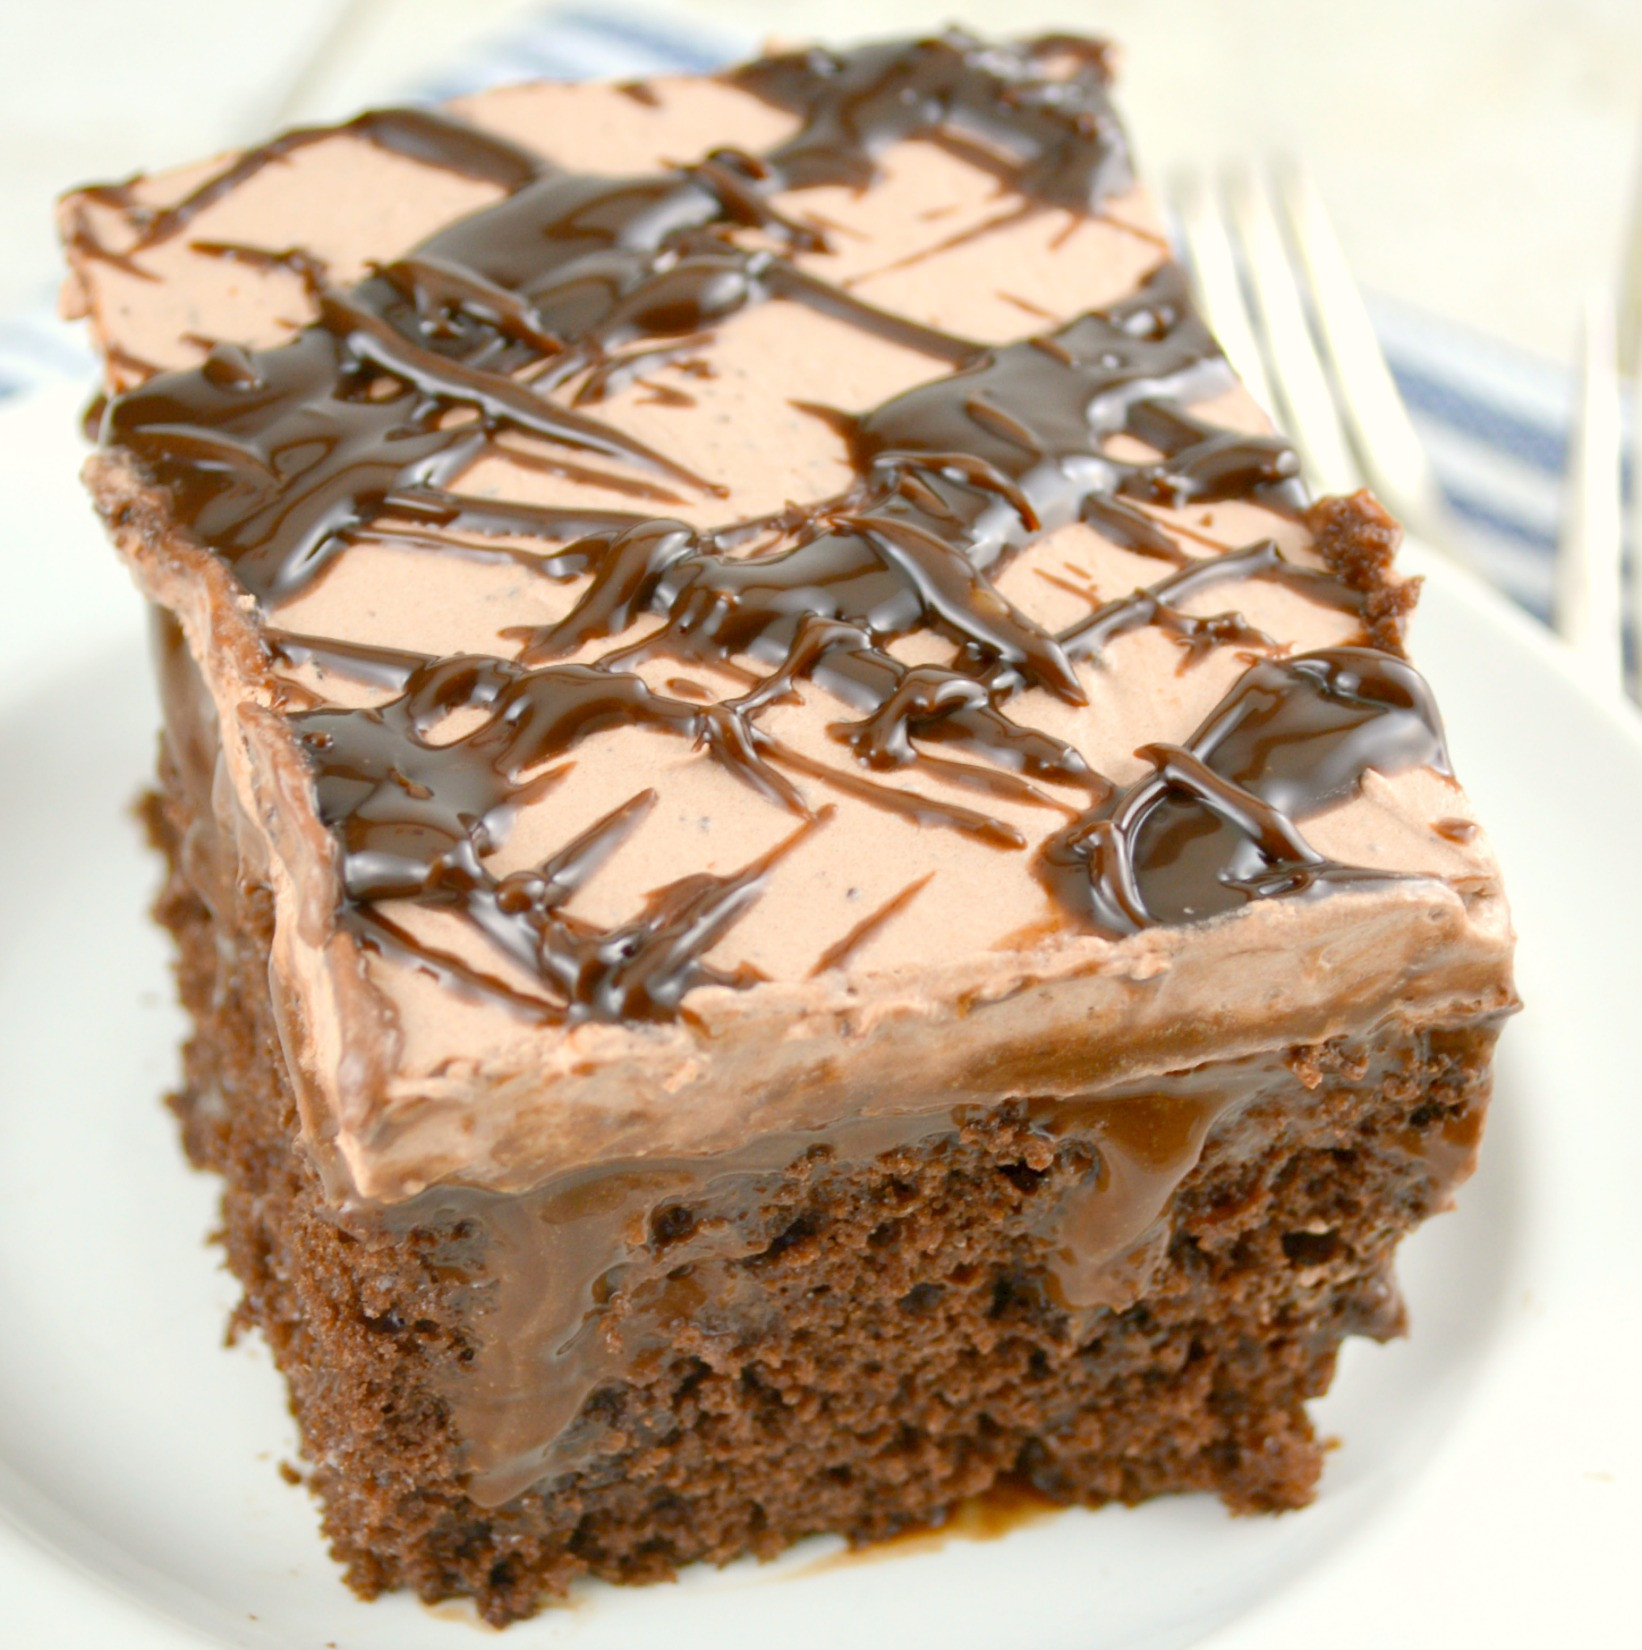 Chocolate Poke Cake  Quadruple Chocolate Poke Cake aka Death By Chocolate Poke